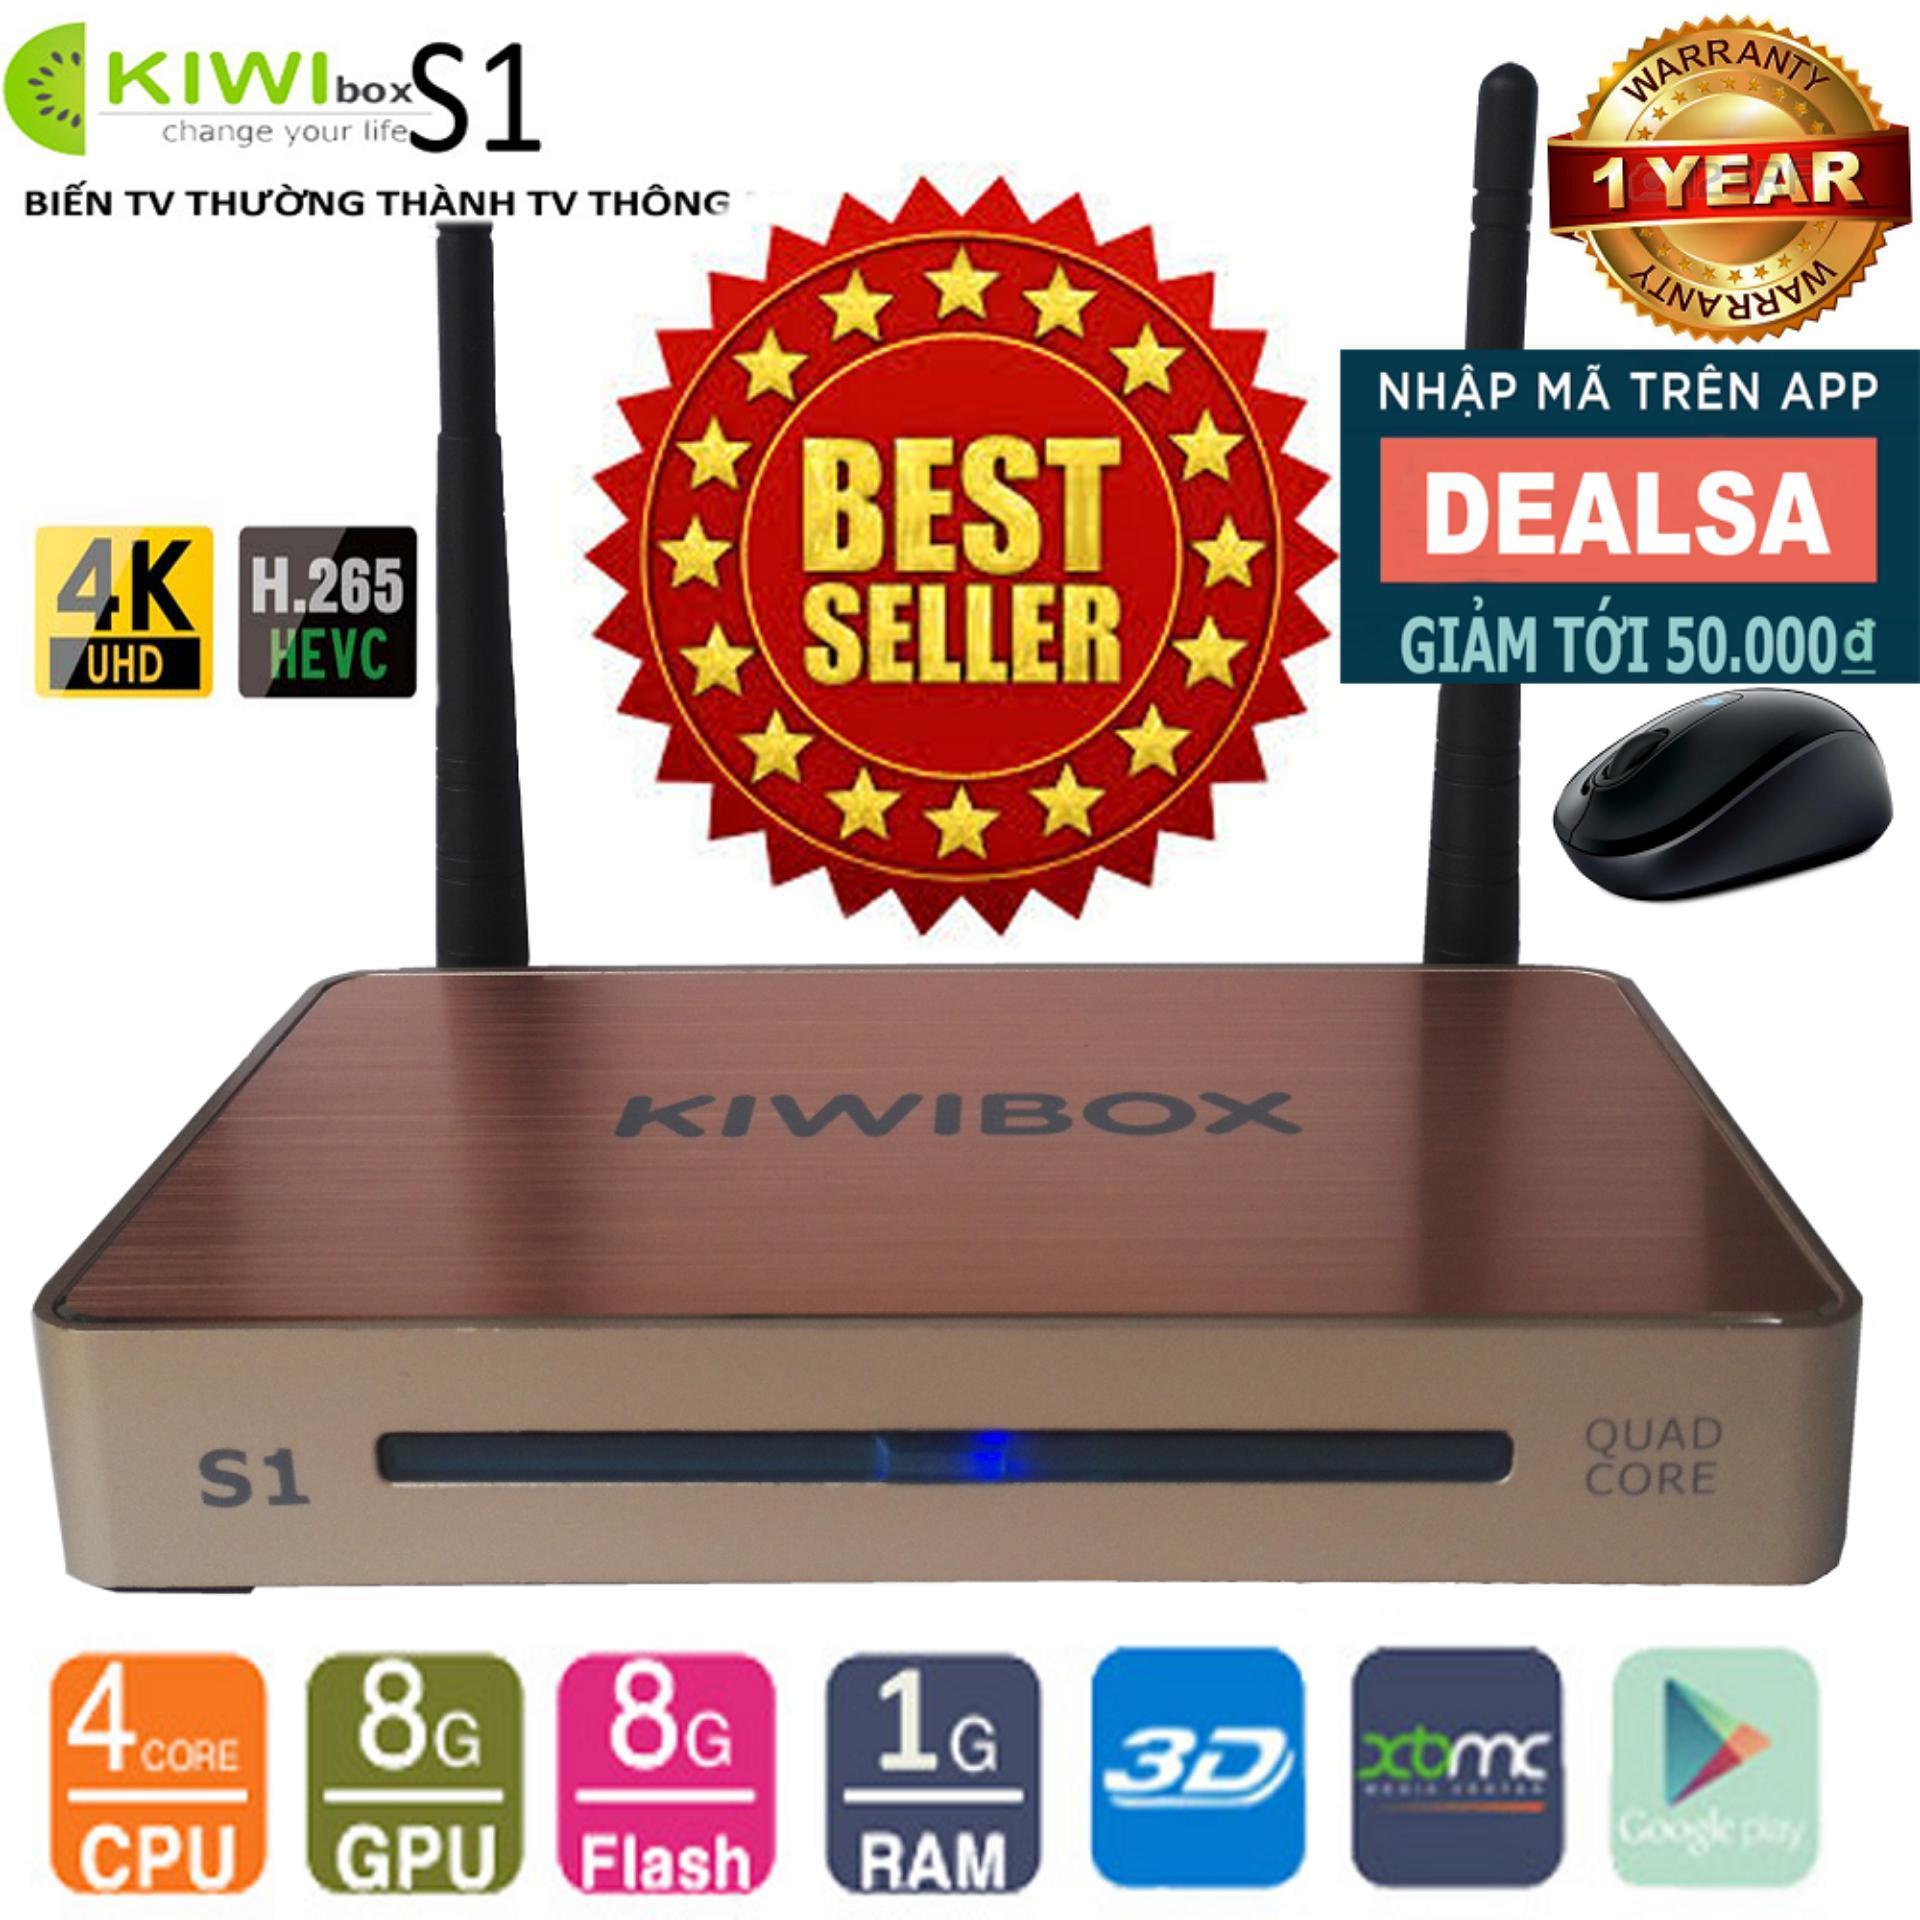 Android Tivi Box Ultra HD Kiwi S1 tặng kèm Chuột Không Dây Forter V181